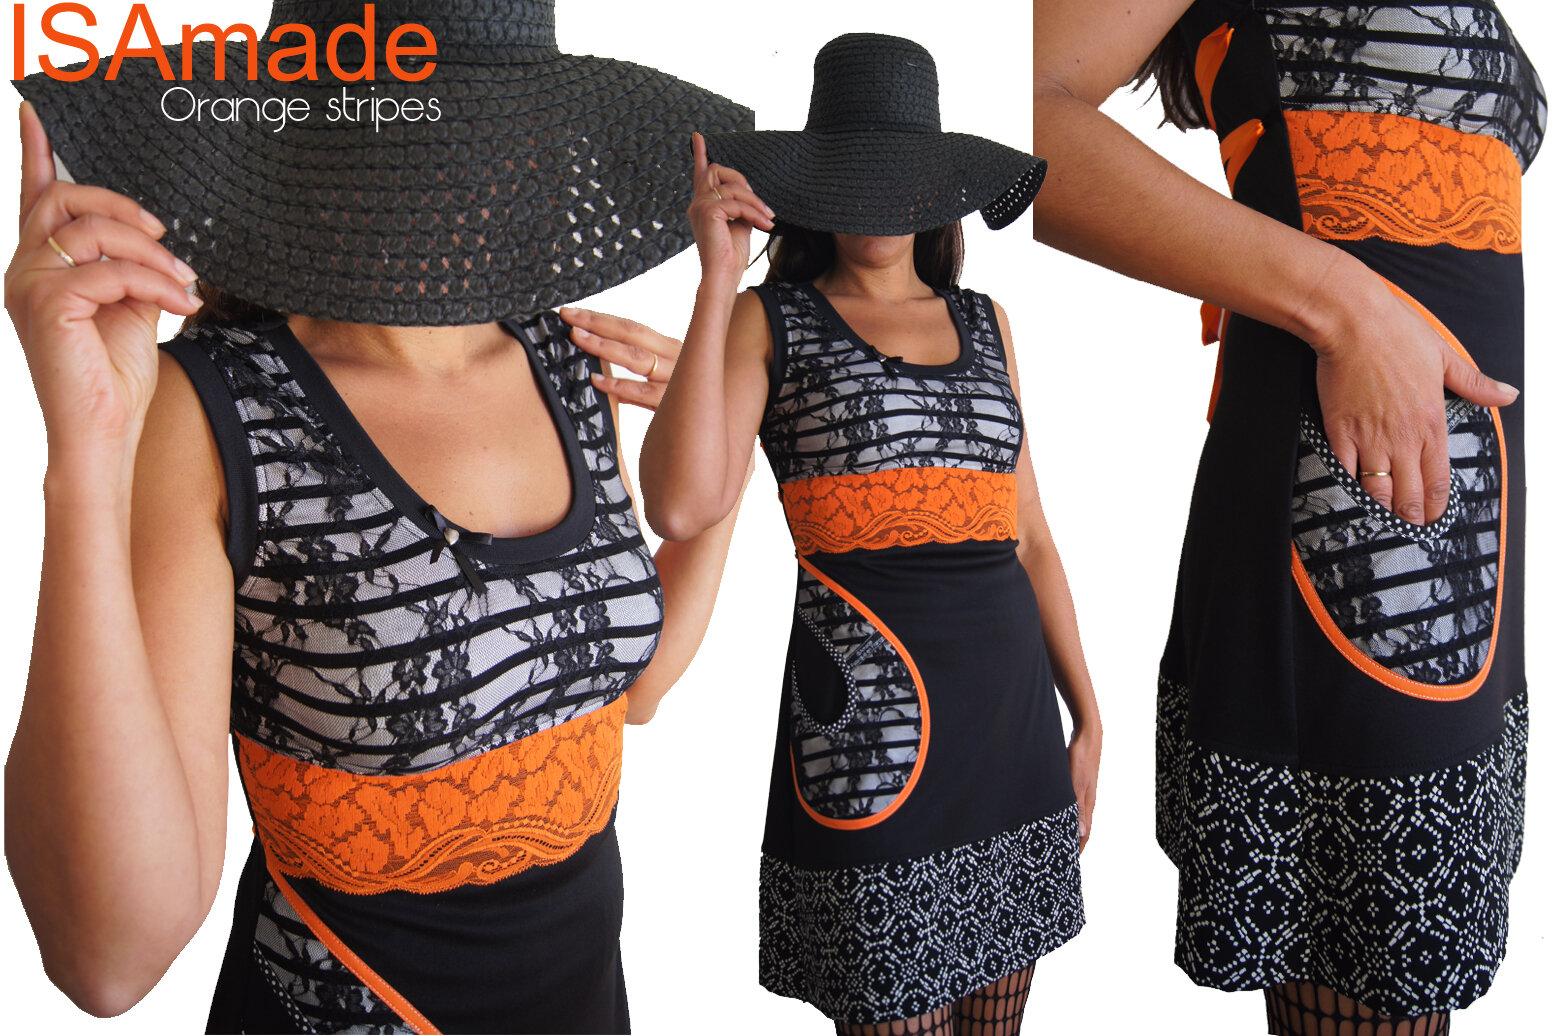 Robe Tunique Noire Blanche rayée à dentelle orange & Dentelle imprimé fantaisie Graphique !